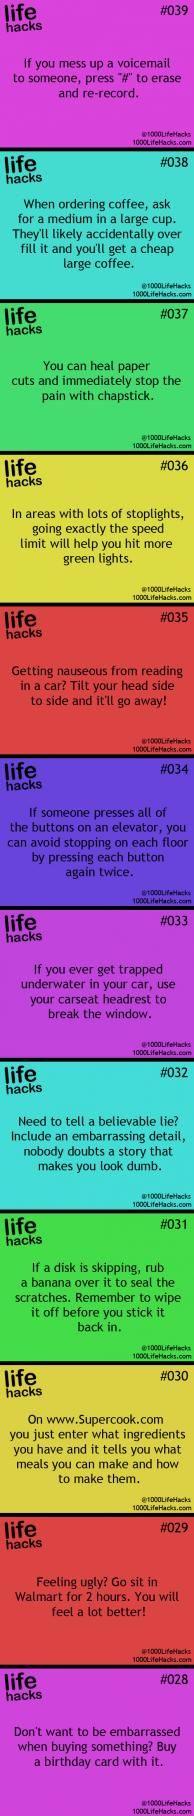 25 Useful Life Hacks | ifunnystuffs